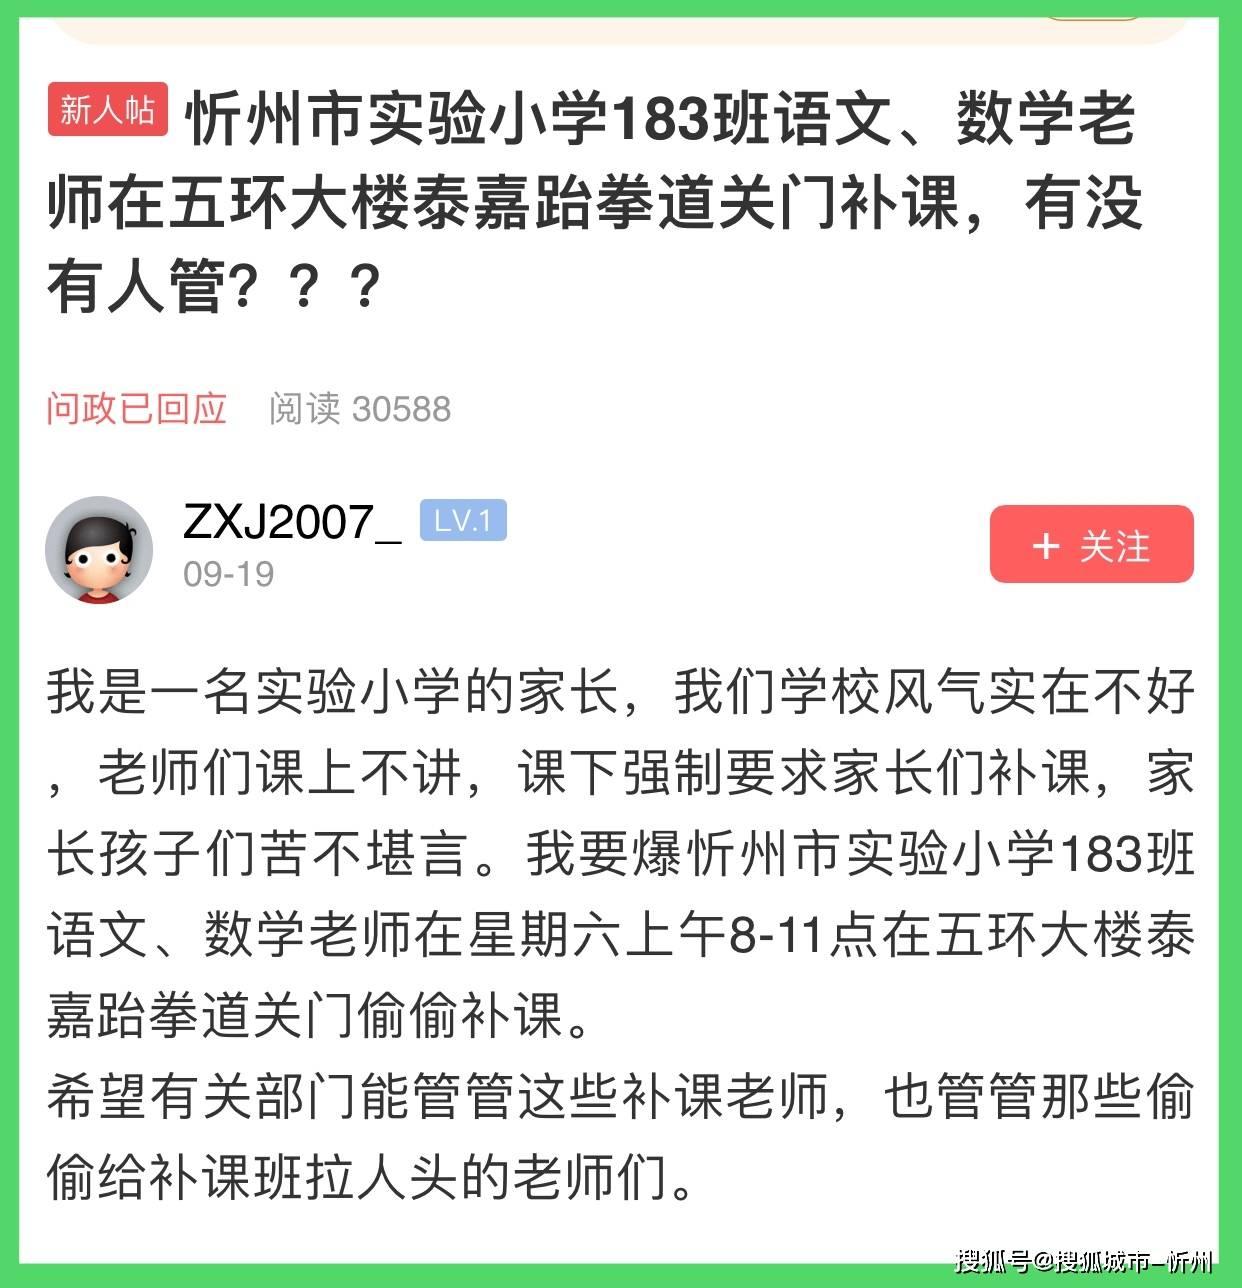 山西忻州:家长反映忻州市实验小学老师补课,教育局答复了……